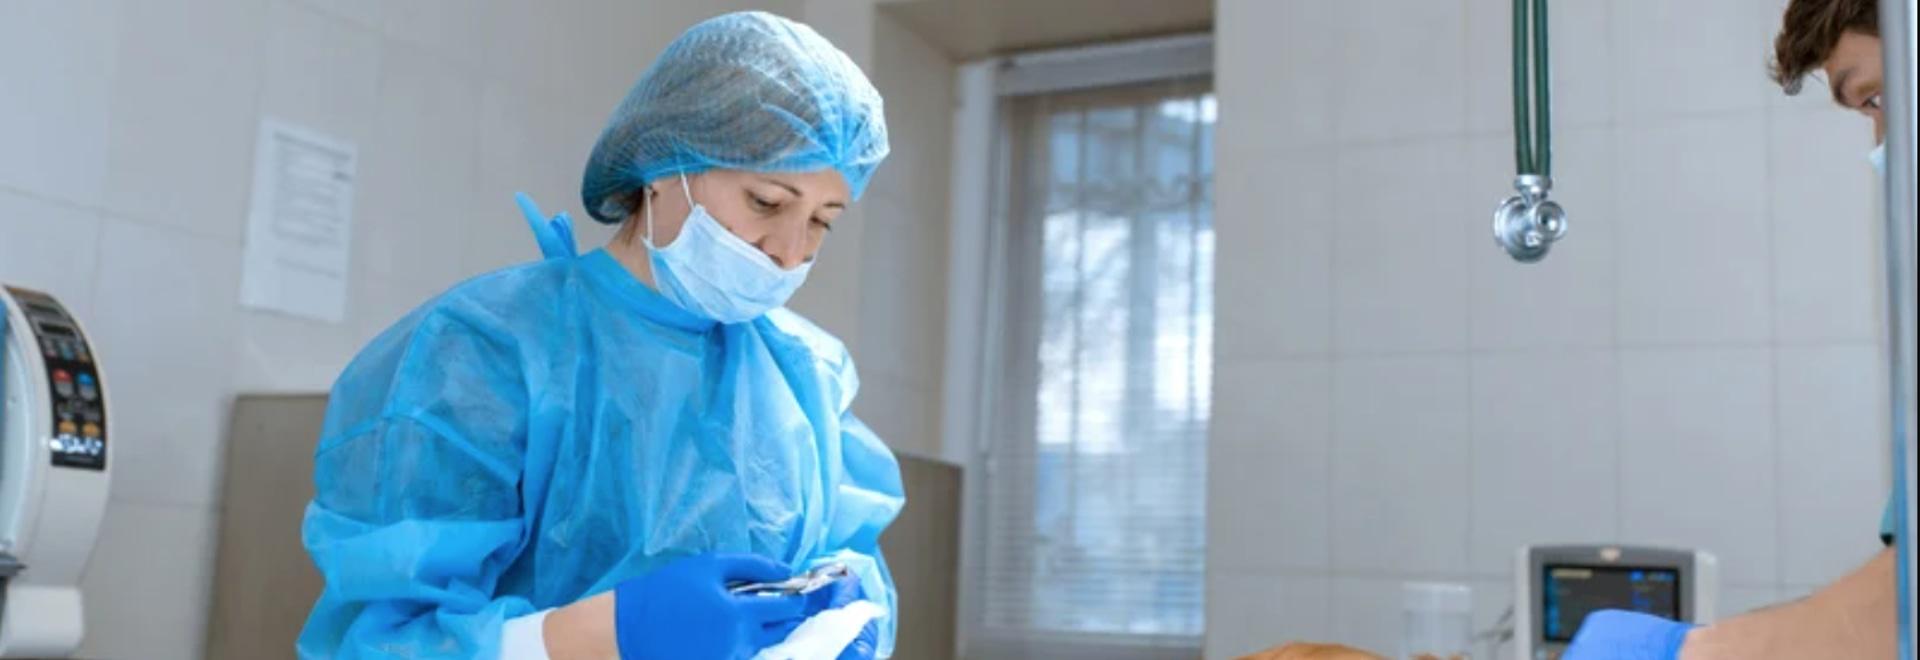 El veterinario que realiza la cirugía